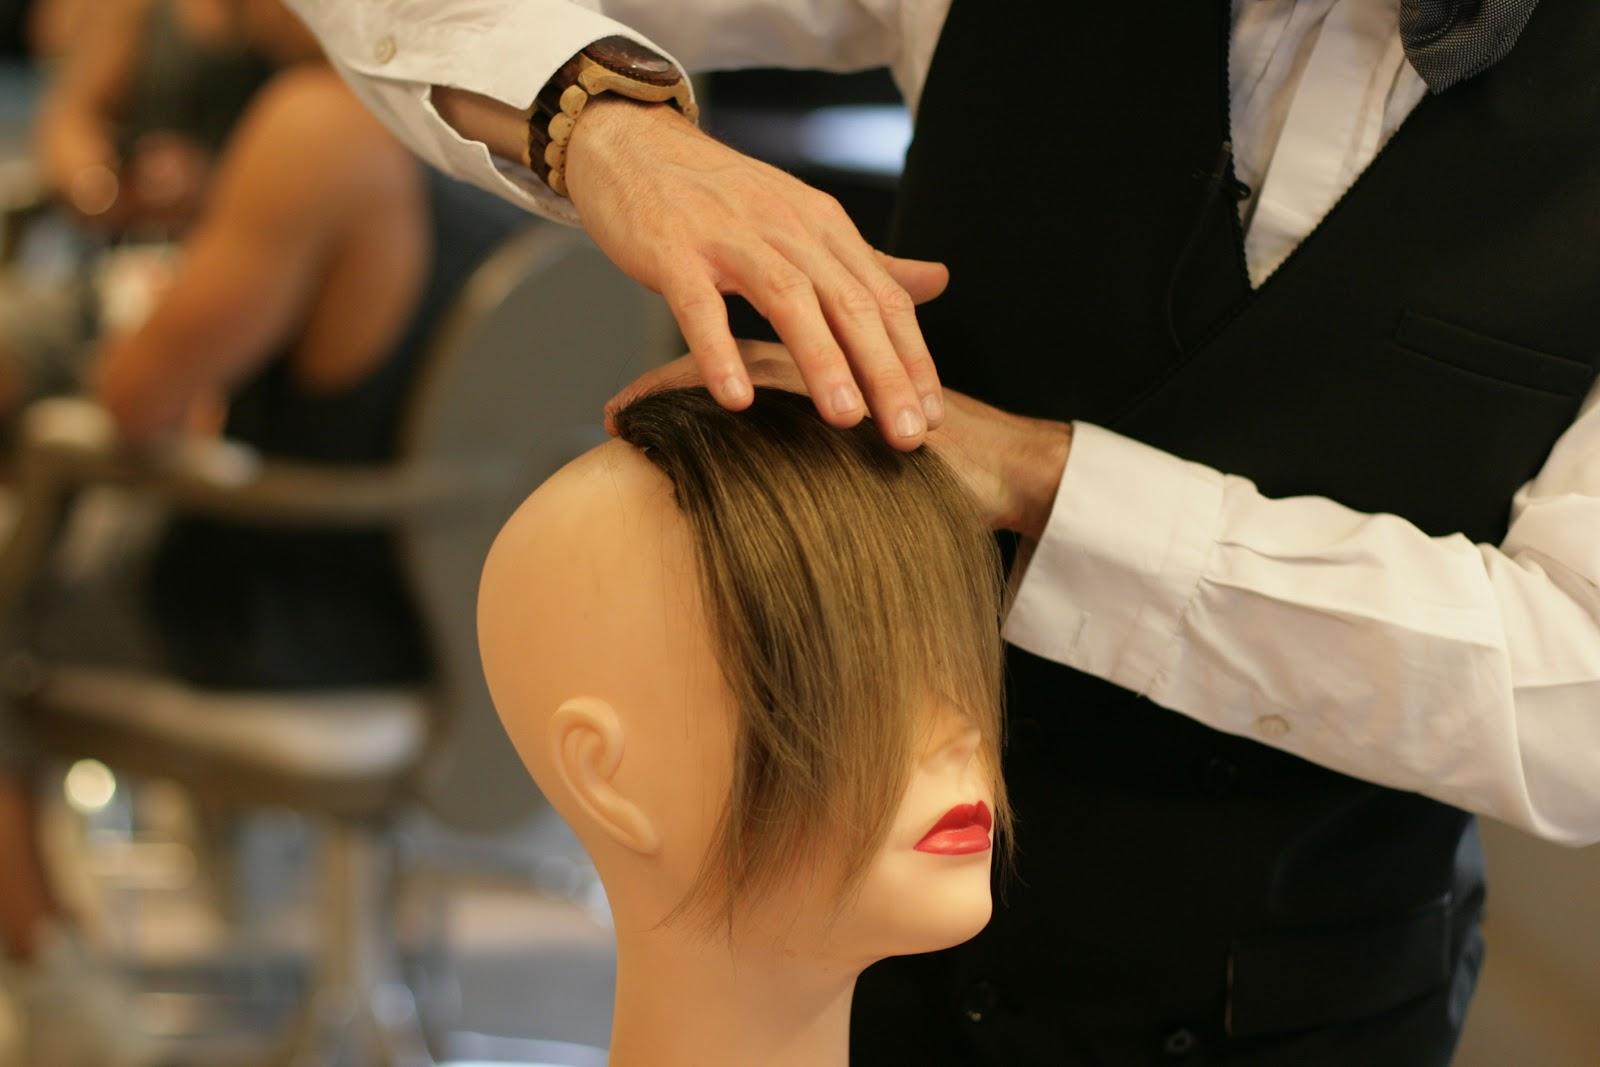 essayage de coupe de cheveux avec sa photo Le site japonais hairtry vous propose d'essayer une nouvelle coupe de cheveux de façon virtuelle uploadez votre photo qui a envie de se relouqueravec.